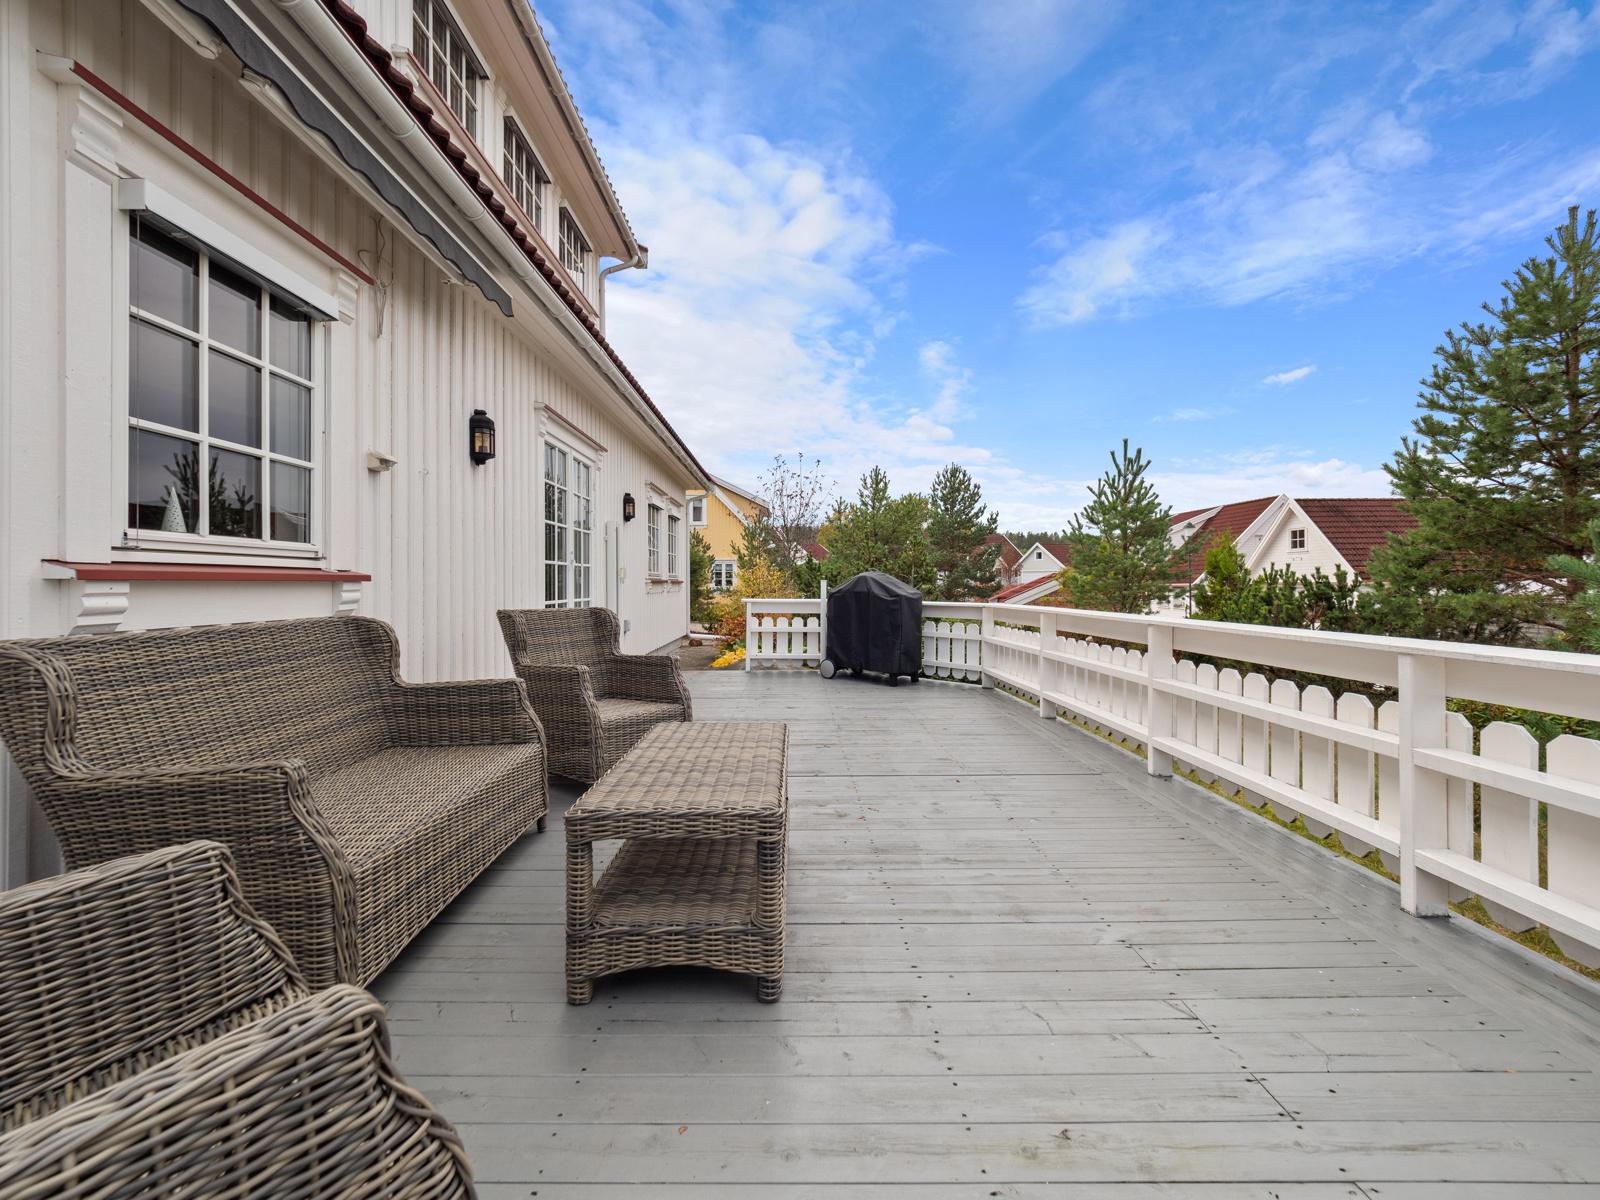 På terrassen er det gassuttak til gasssgrill.